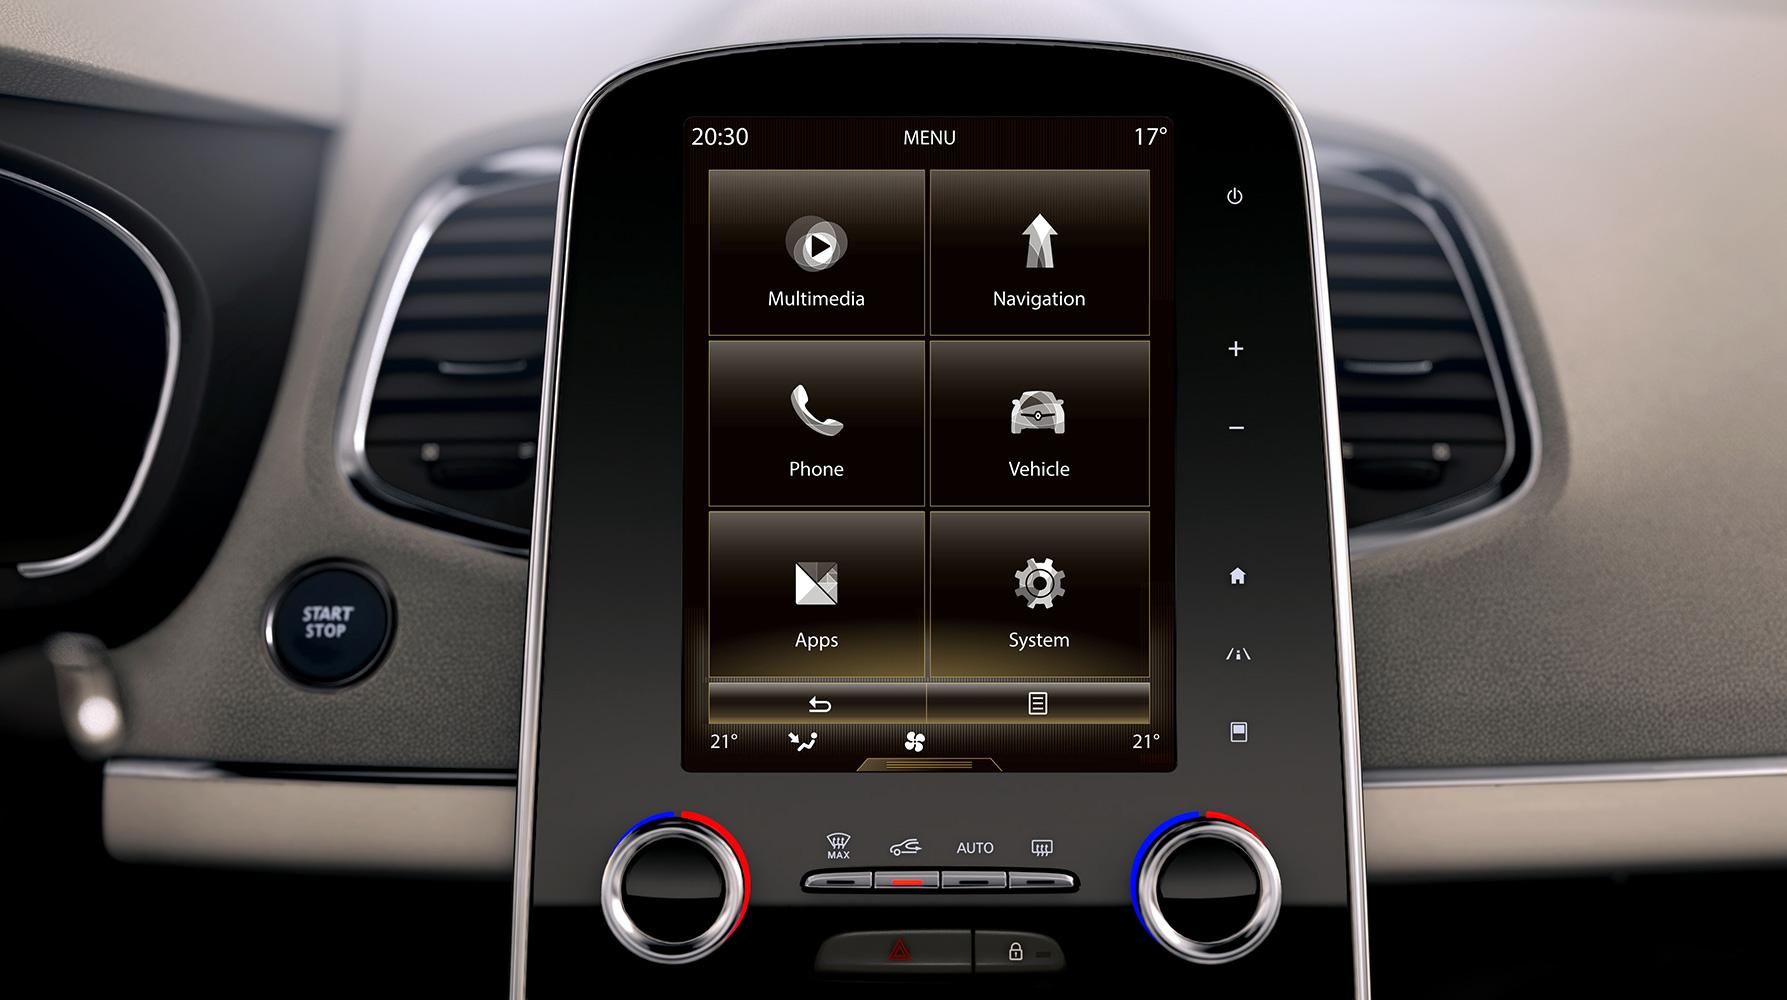 Renault R-Link 2 multimedia- en navigatiesysteem met auditorium